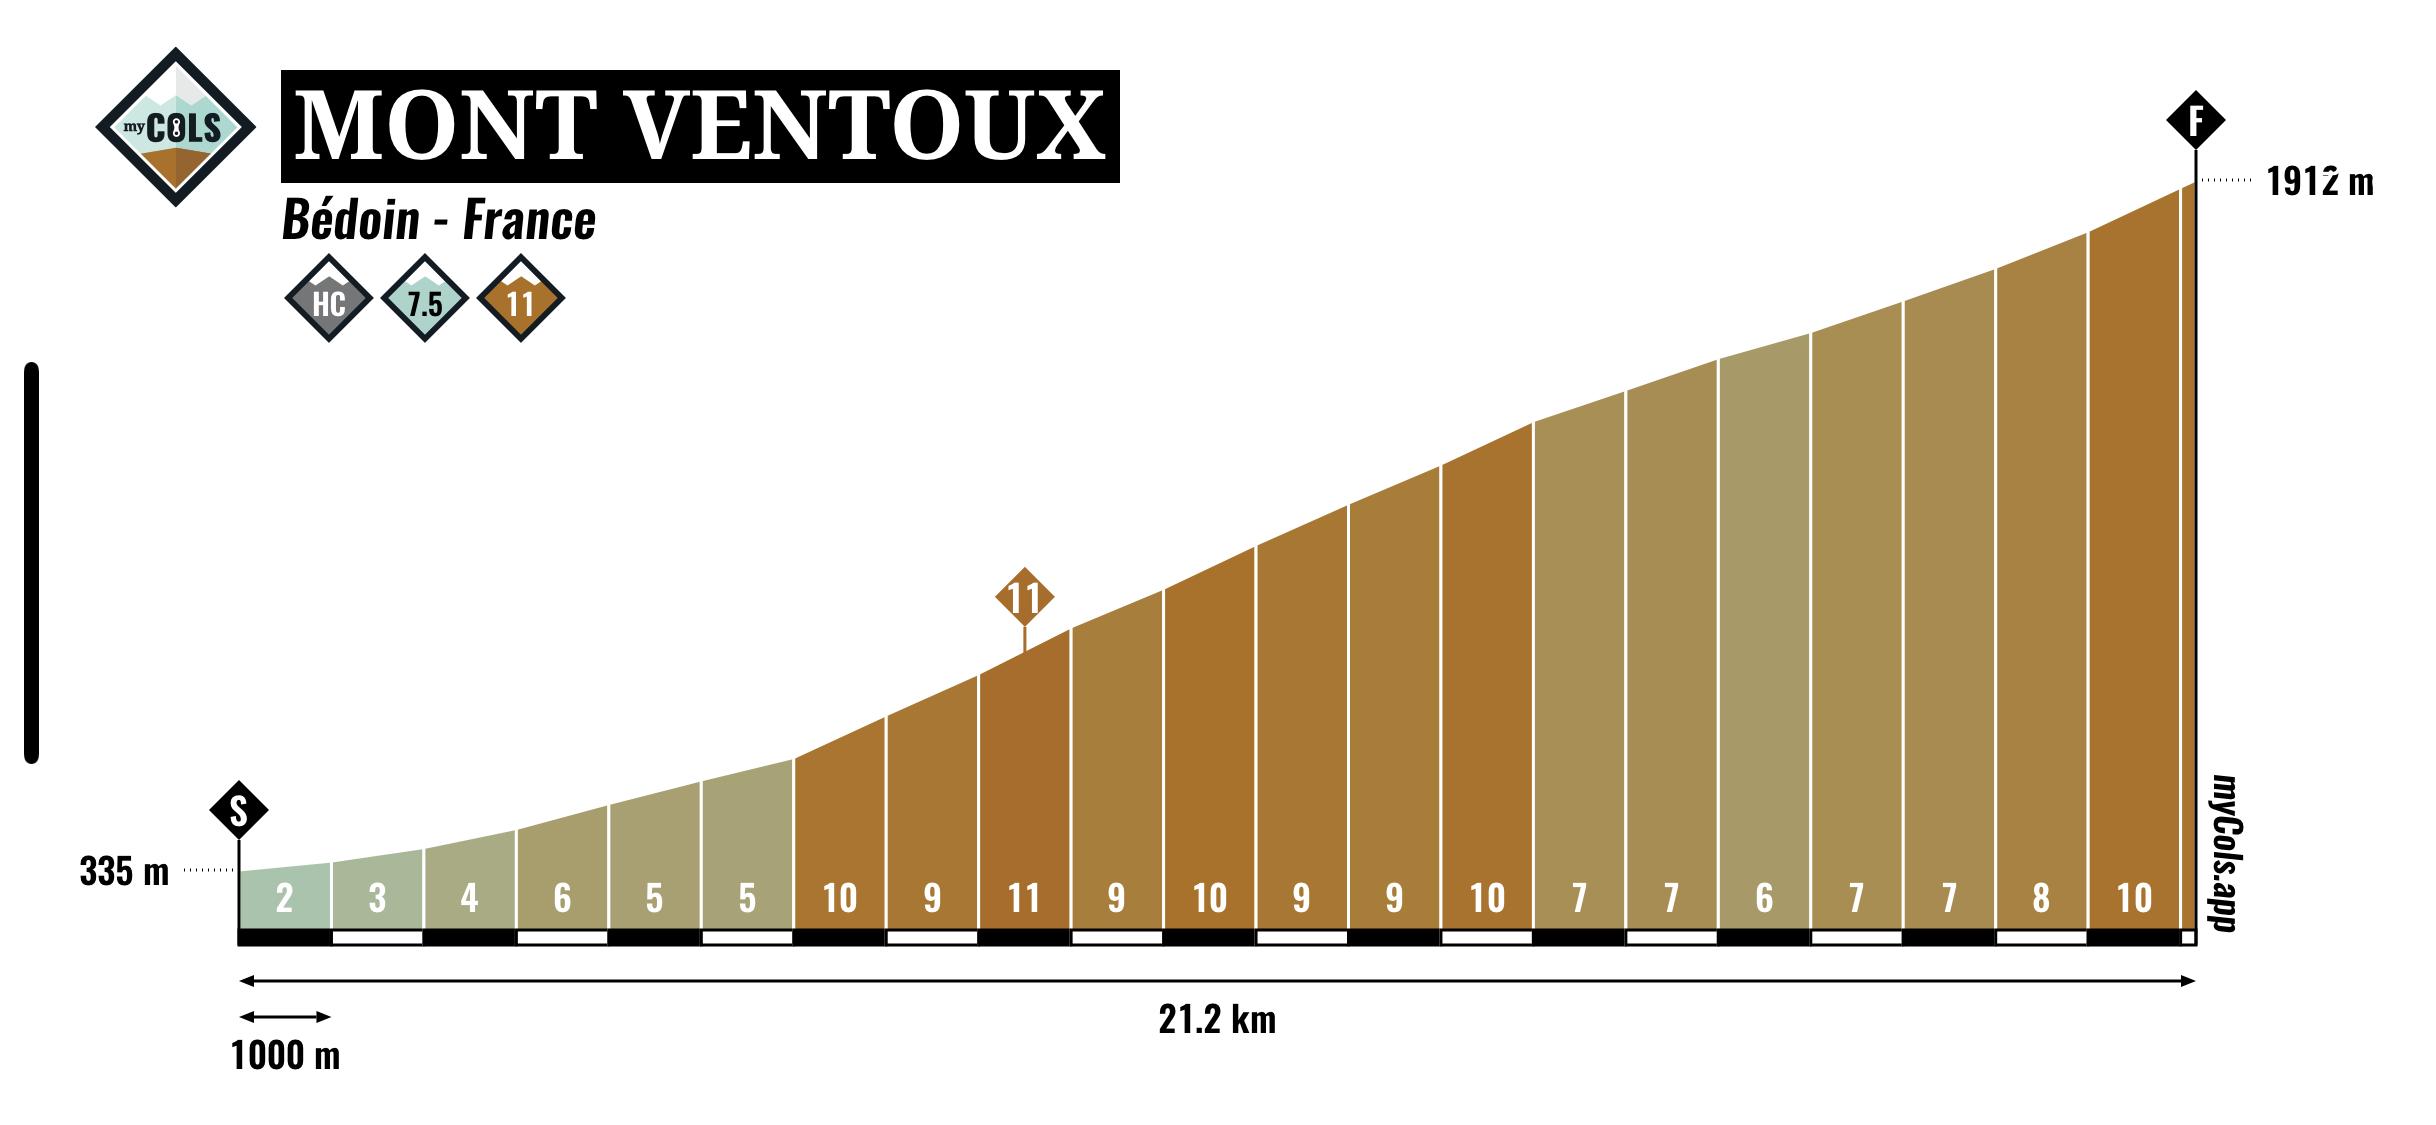 Mont Ventoux profile